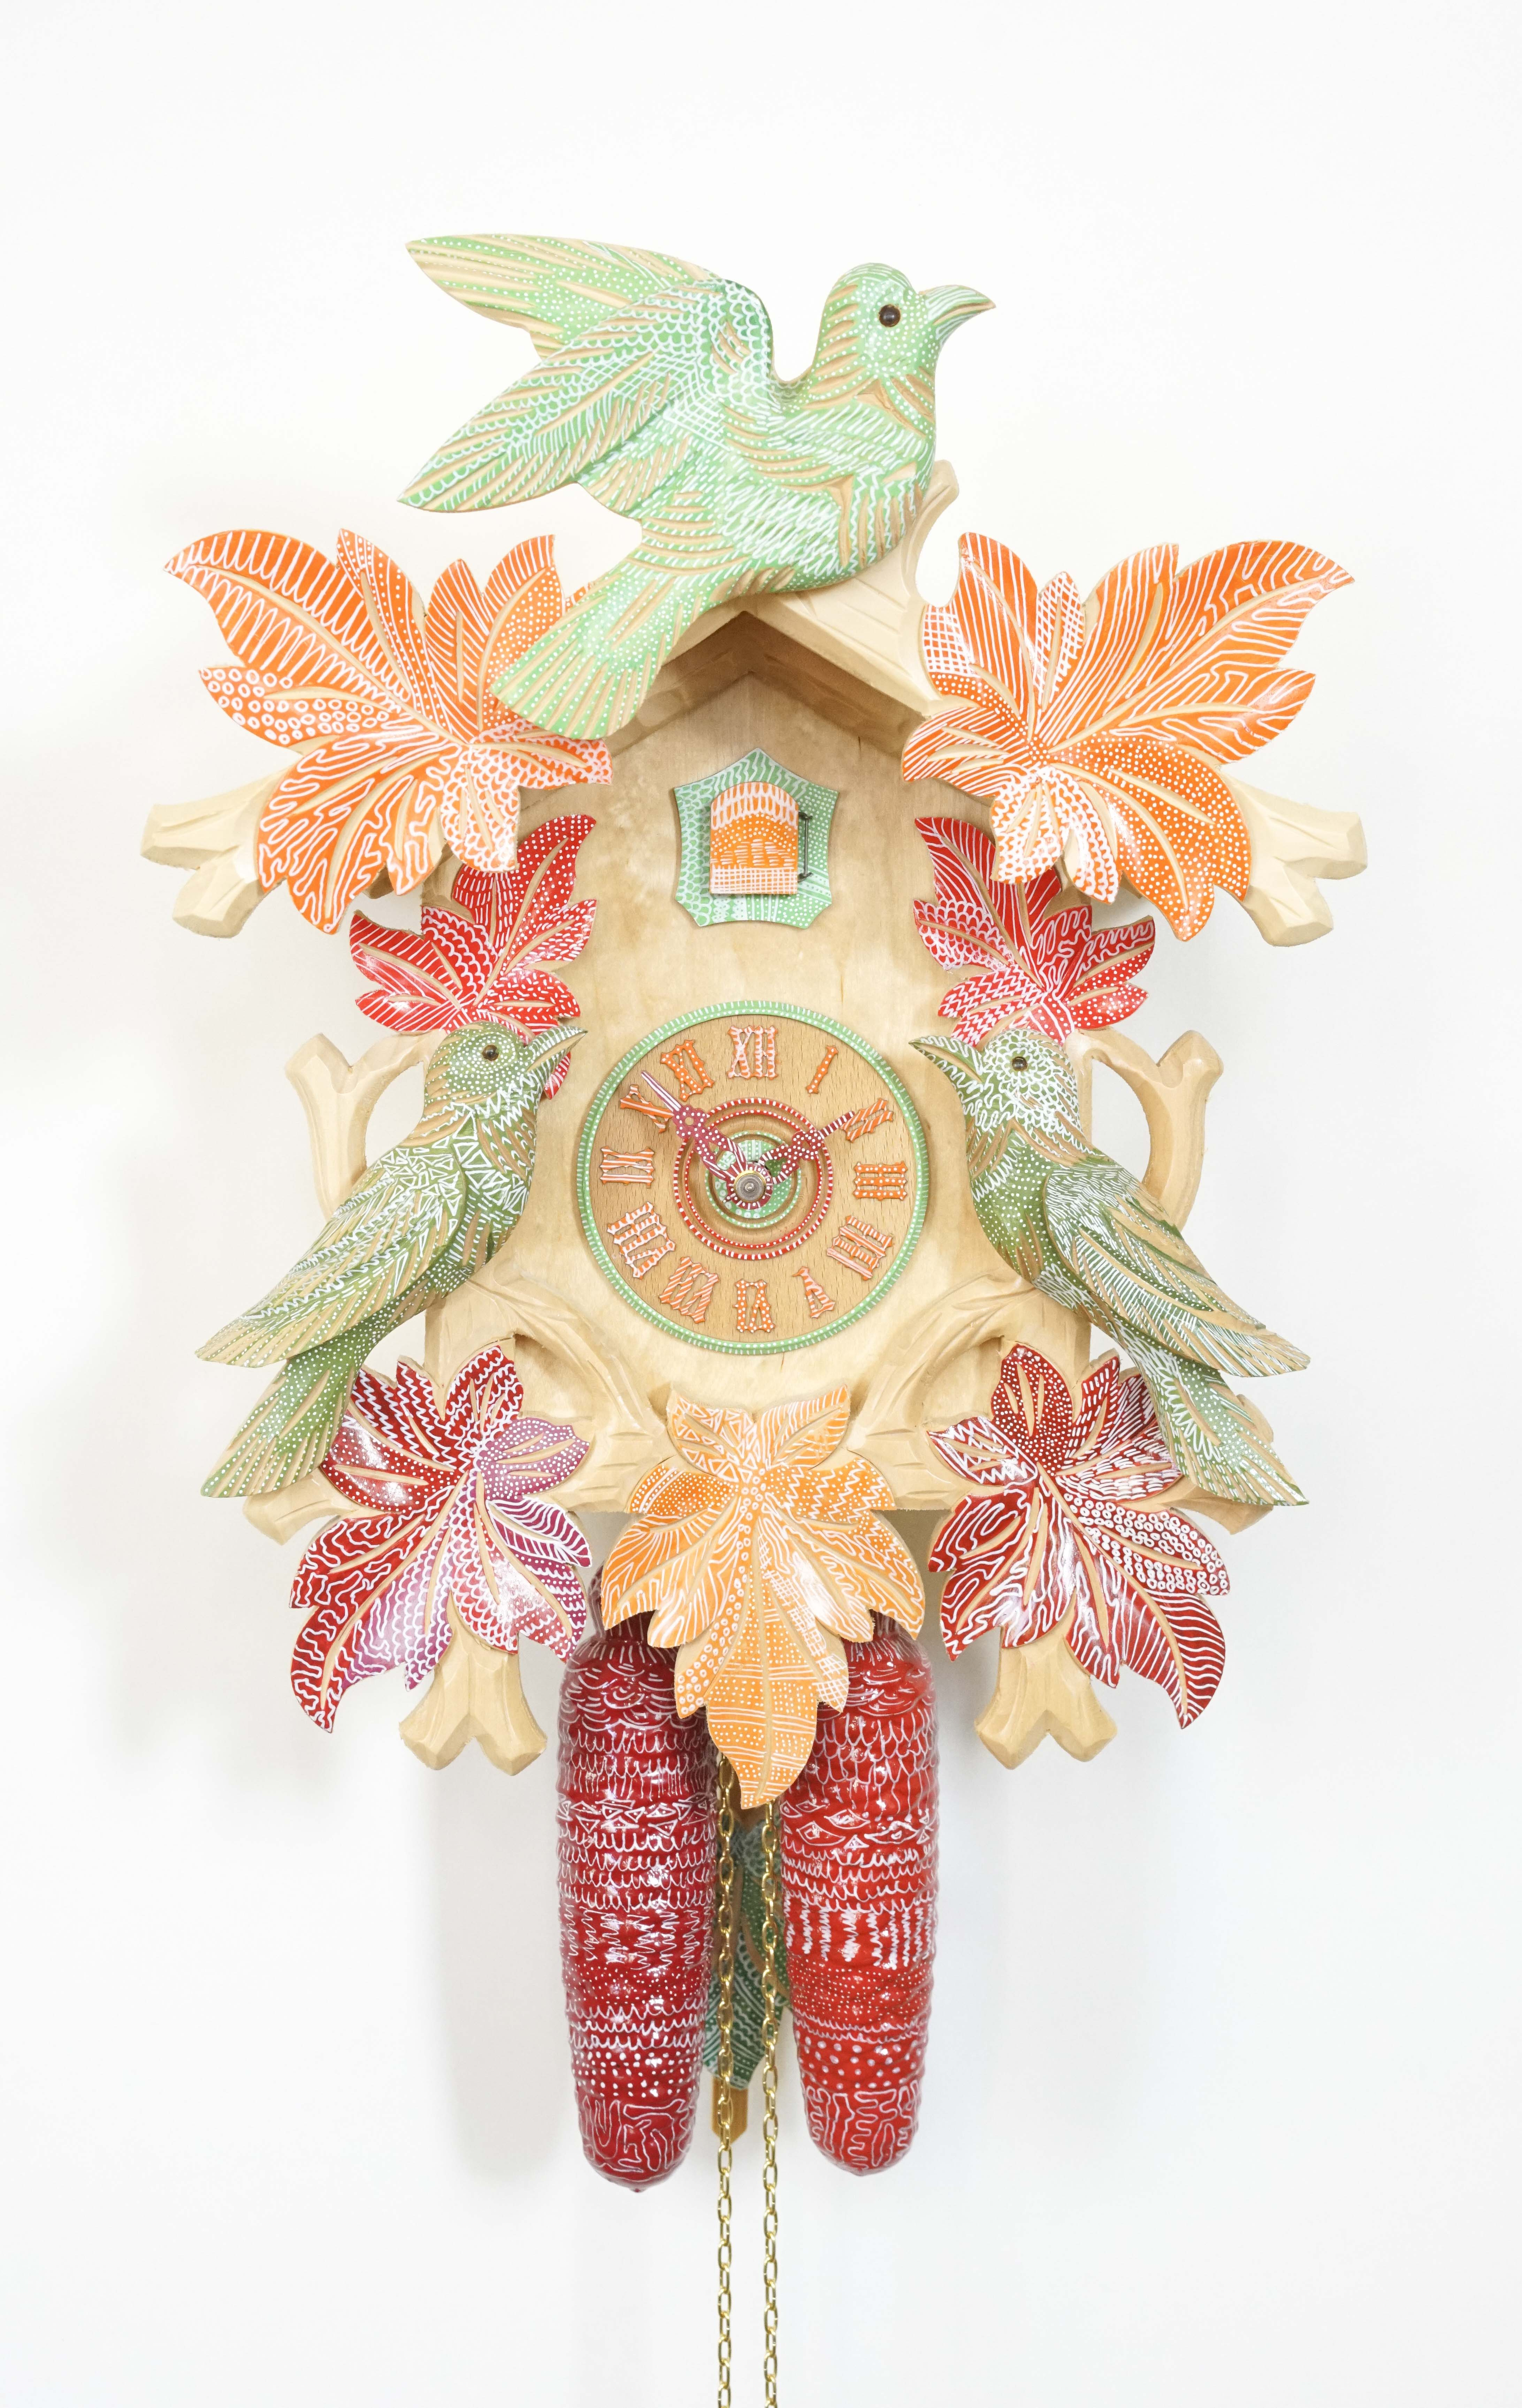 Kuckucksuhr von Selina Haas 8-Tage-Werk